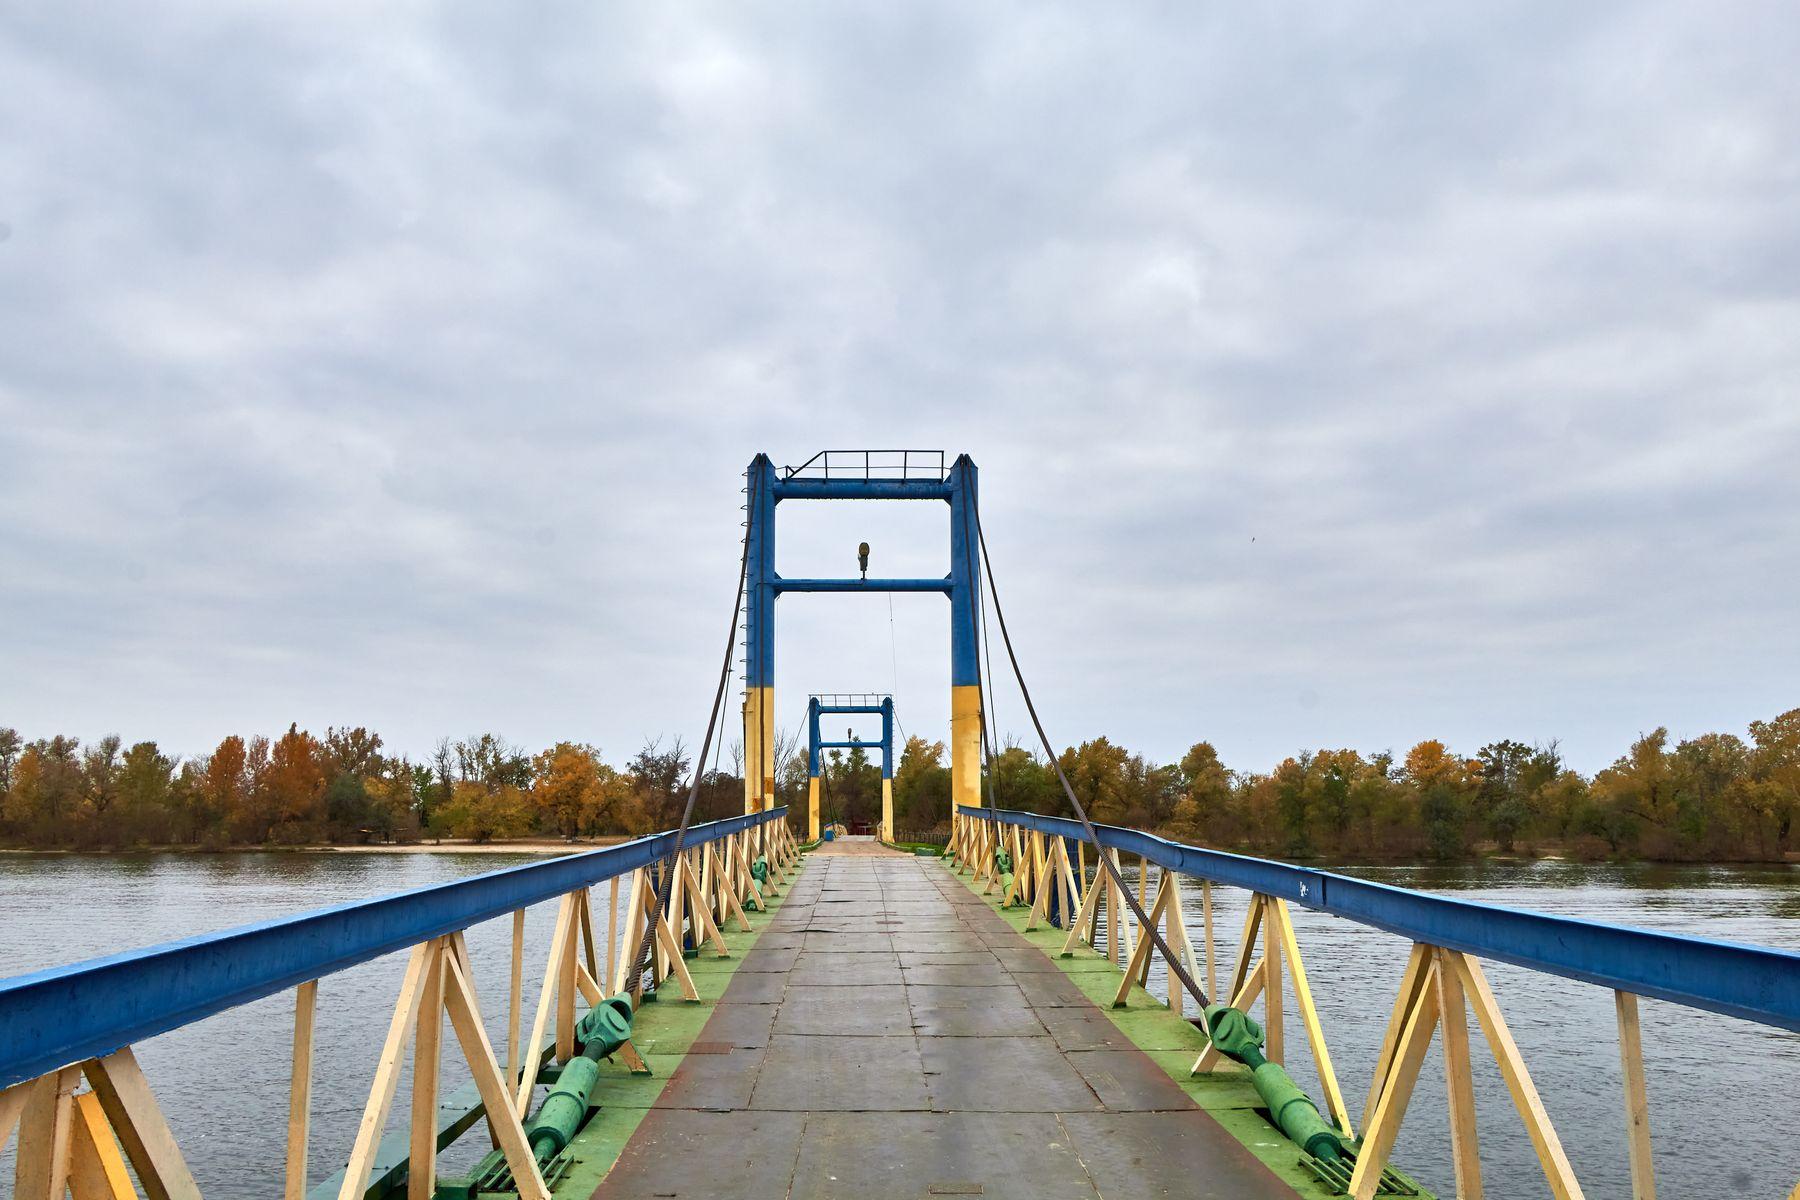 Пешеходный мост в гидропарке в Херсоне днепр река вода мост херсон